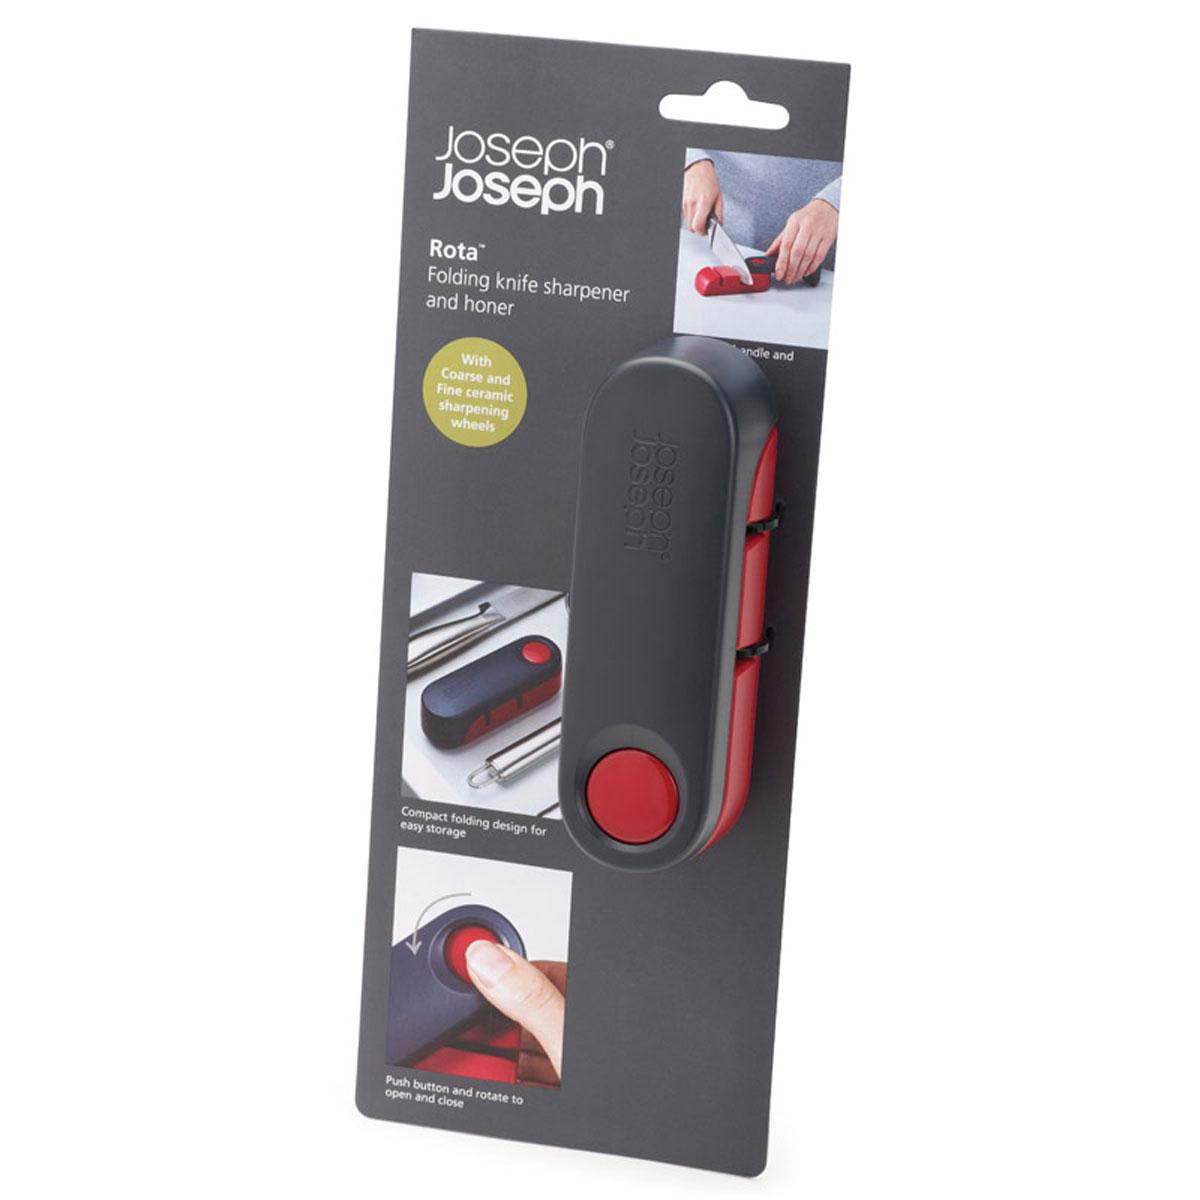 Ножеточка Joseph Joseph Rota, цвет: темно-серый, красный10048Ножеточка Joseph Joseph Rota изготовлена из высококачественного пластика. Уникальный дизайн ножеточки Joseph Joseph Rota с вращающейся крышкой помогает выполнить сразу две функции: во-первых, открыв ножеточку, вы сразу обеспечиваете себя удобной ручкой, которая позволяет плотно прижать ее к столешнице. А во-вторых, после заточки ножа, инструмент аккуратно складывается, что экономит место в вашем кухонном ящике. Ножеточка имеет две прорези (с крупнозернистой и мелкой заточкой), которые позволяют точно и тонко наточить ножи разного формата. Нескользящее основание добавляет устойчивости при работе. Ножеточка Joseph Joseph Rota станет незаменимой на вашей кухне.